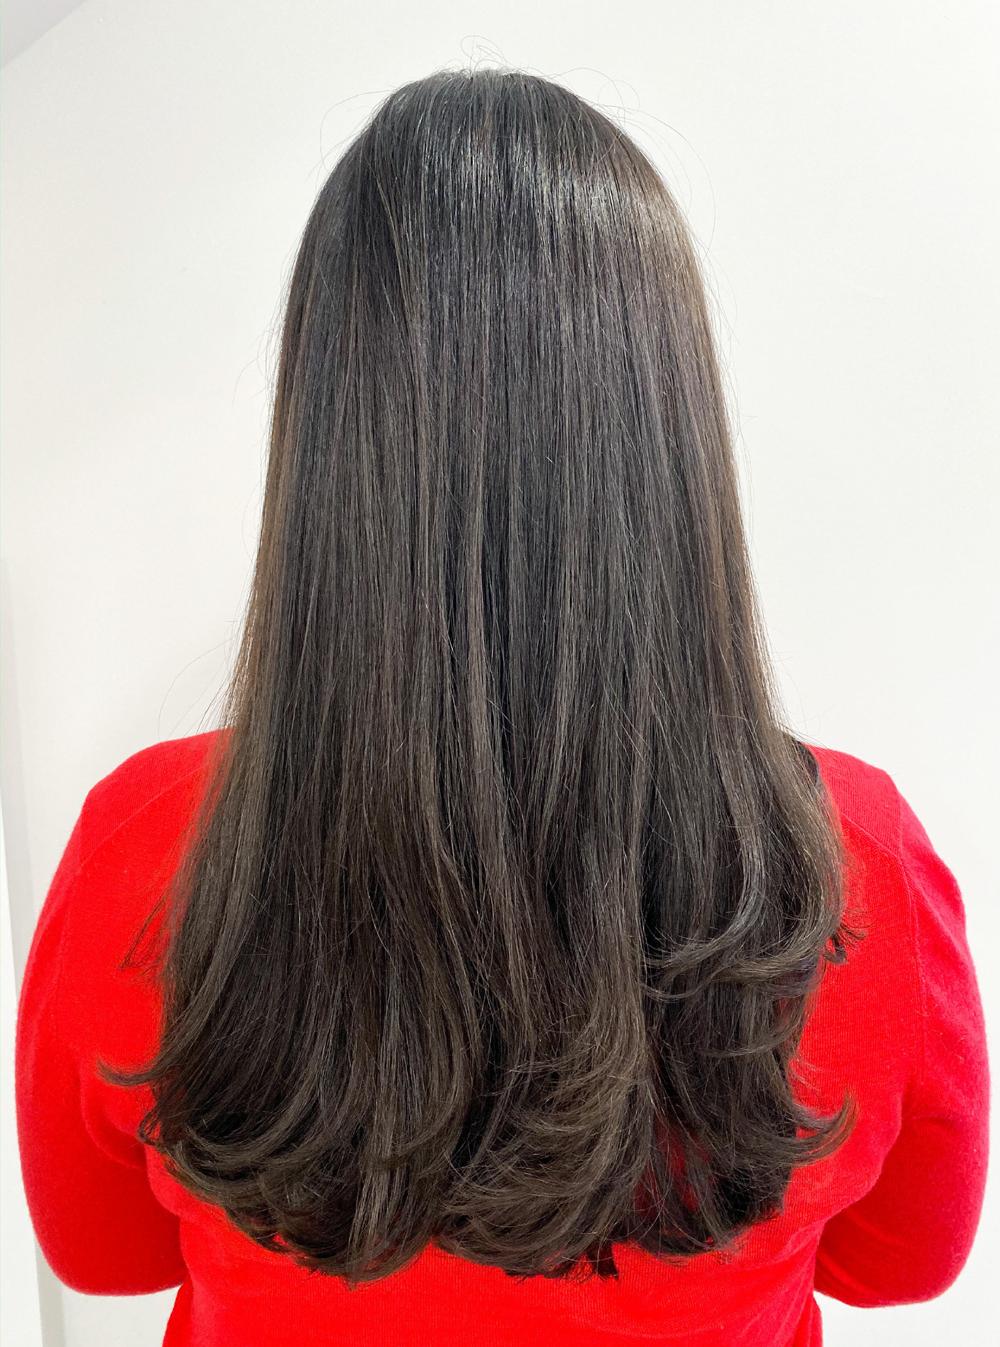 JAKS estudio - Women's Hair Blow Dry